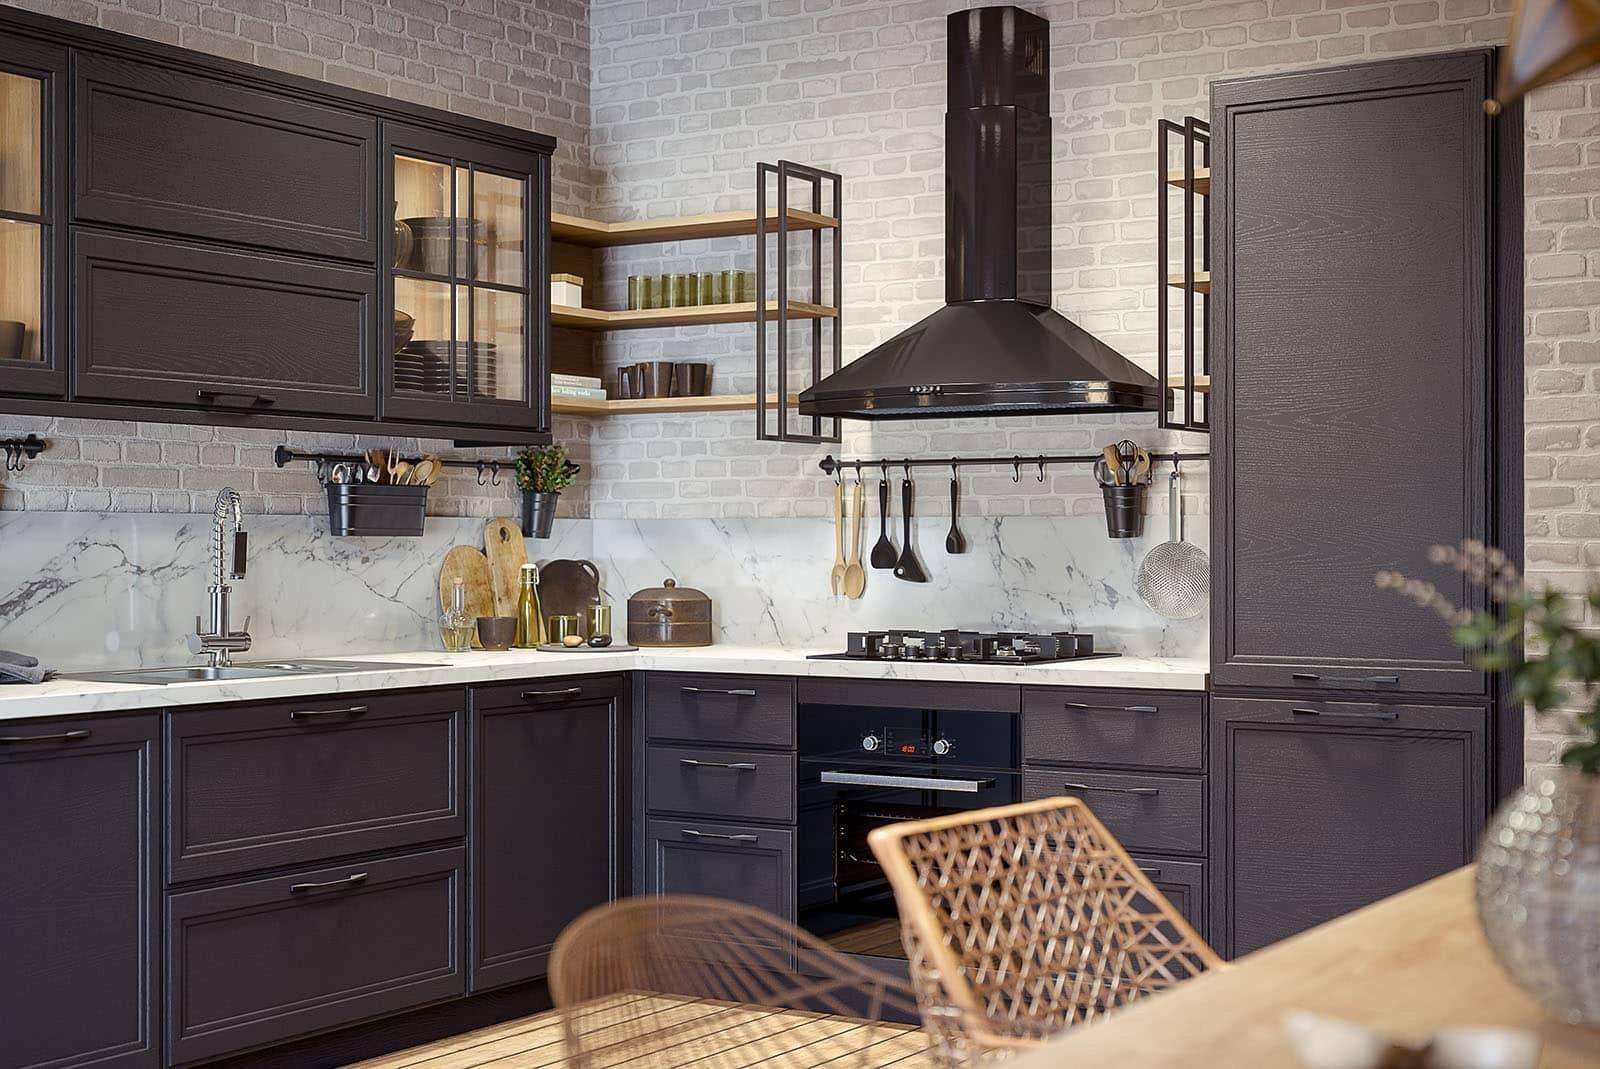 Full Size of Industrie Küche Reinigen Gleichzeitigkeitsfaktor Industrie Küche Beleuchtung Industrie Küche Industrie Küche Lüftung Küche Industrie Küche